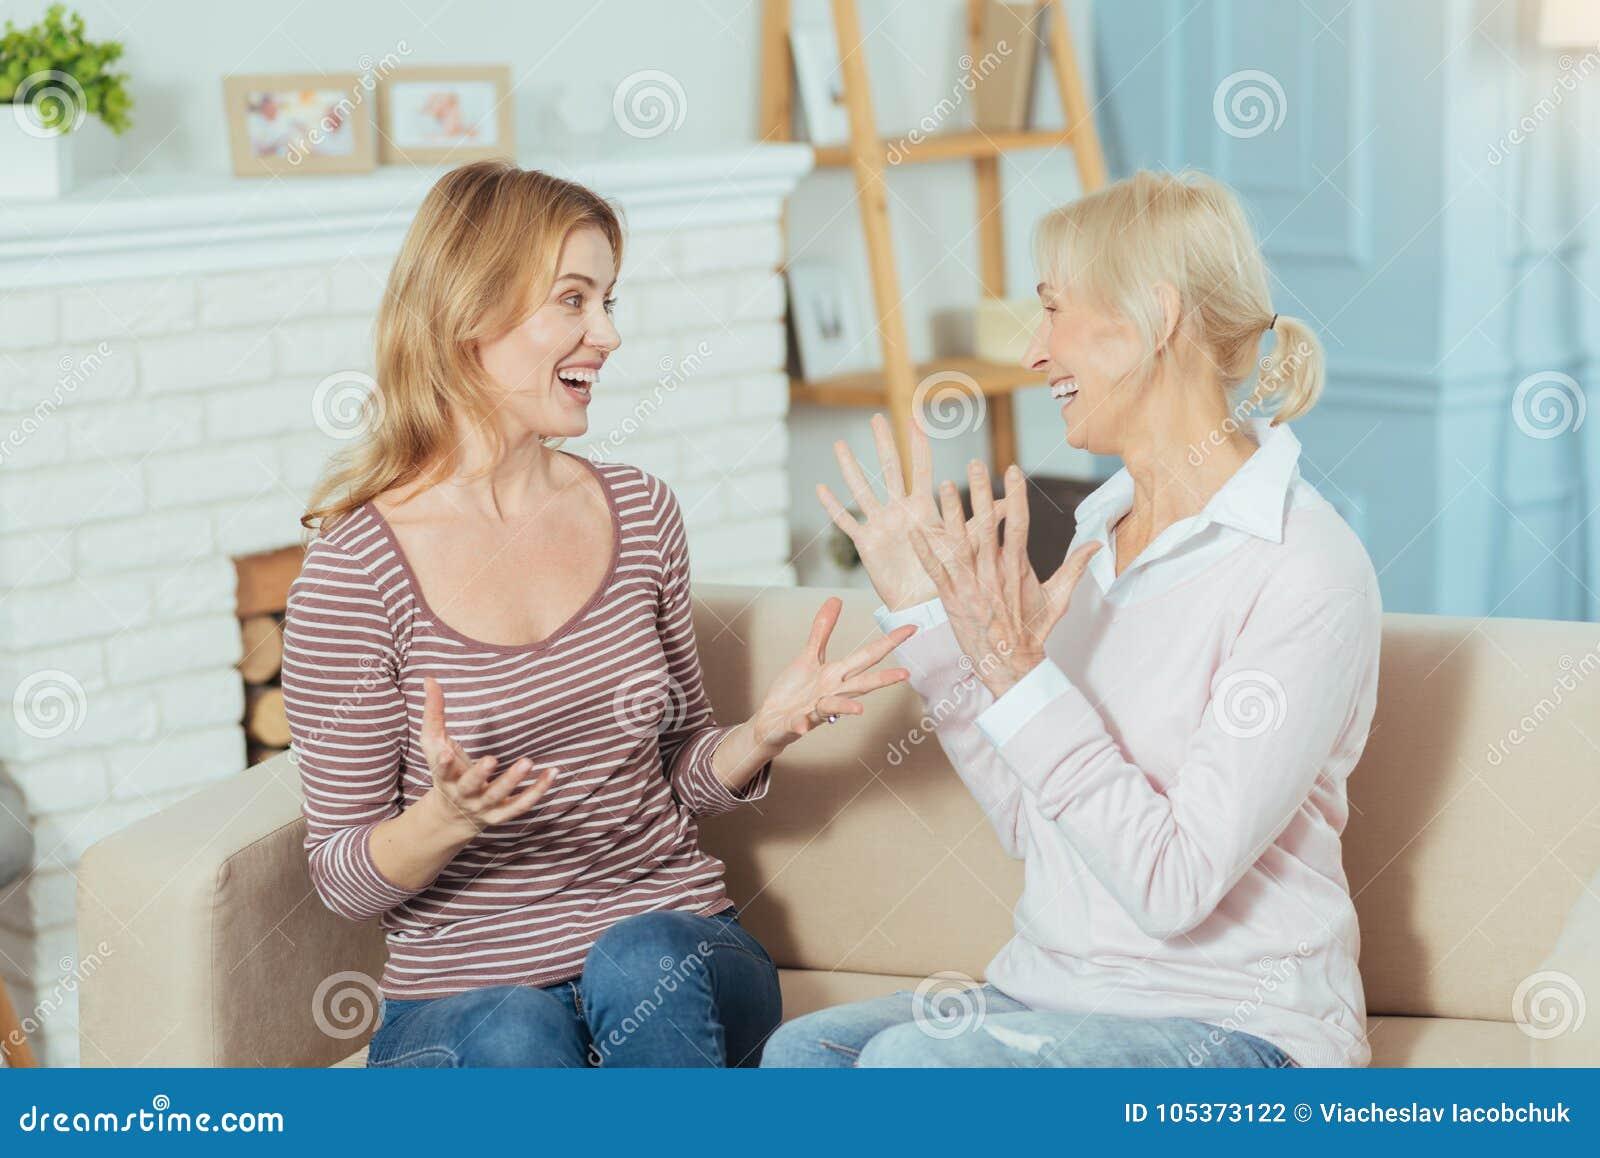 Emotionale Frauen, die gute Nachrichten teilen und aufgeregt schauen